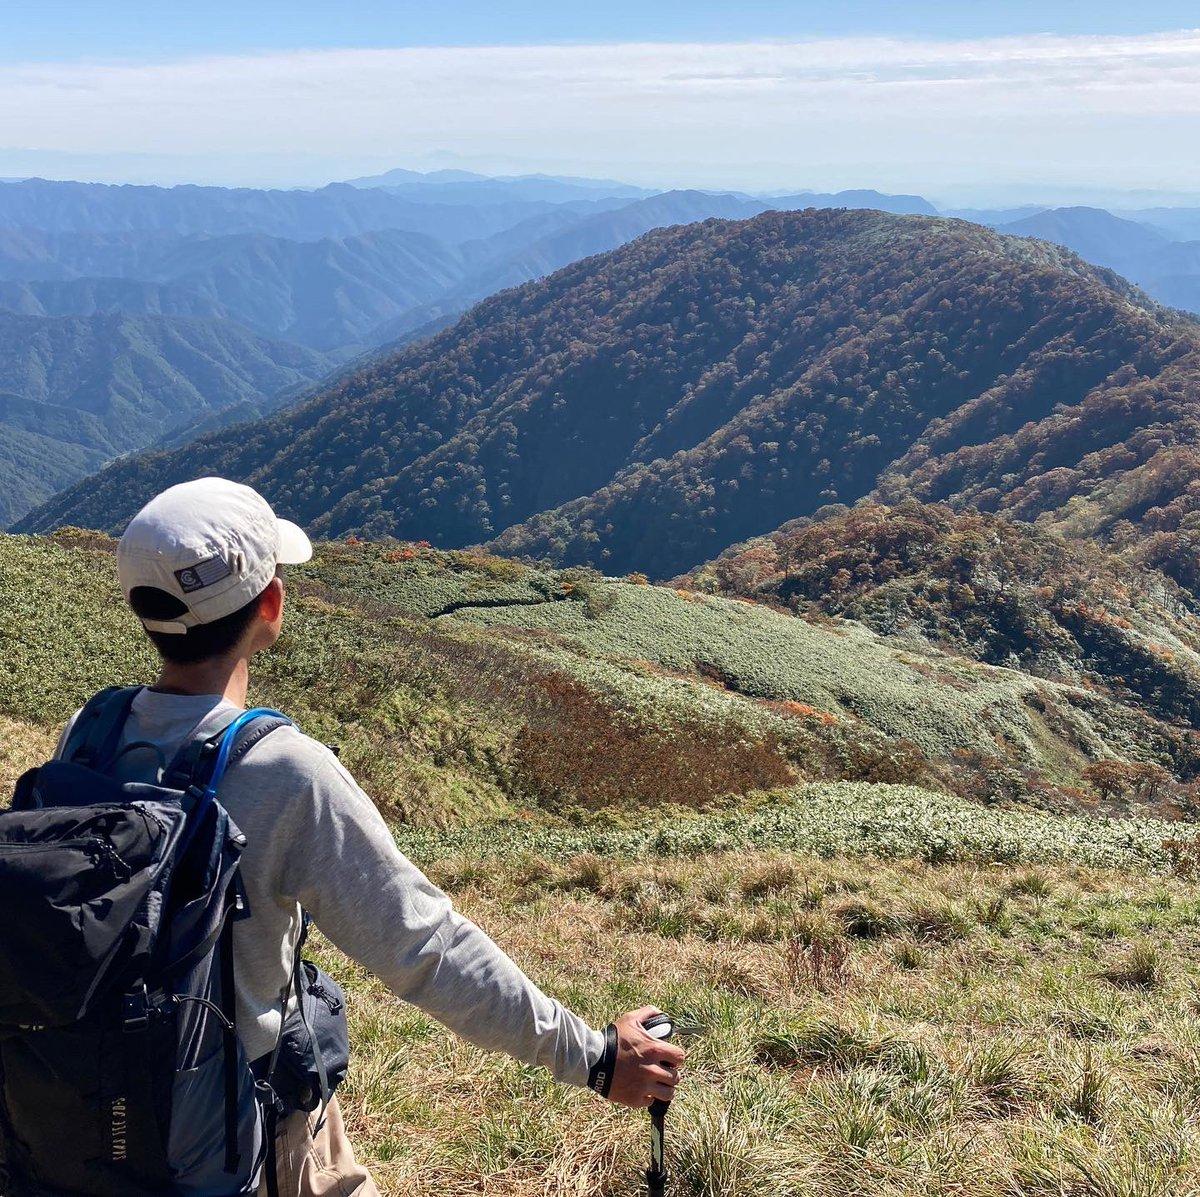 紅葉を求めて、能郷白山に行きました。少し色づいていましたが、1週間早かったです! #登山 #登山好き #紅葉登山 #登山記me #登山步道  #登山が好き  #登山男子  #登山道 #登山大好き  #能郷白山 #紅葉🍁  #登山記録  #登山日和  #登山写真  #登山初心者  #登山すきな人と繋がりたい https://t.co/8HACE5mcUi